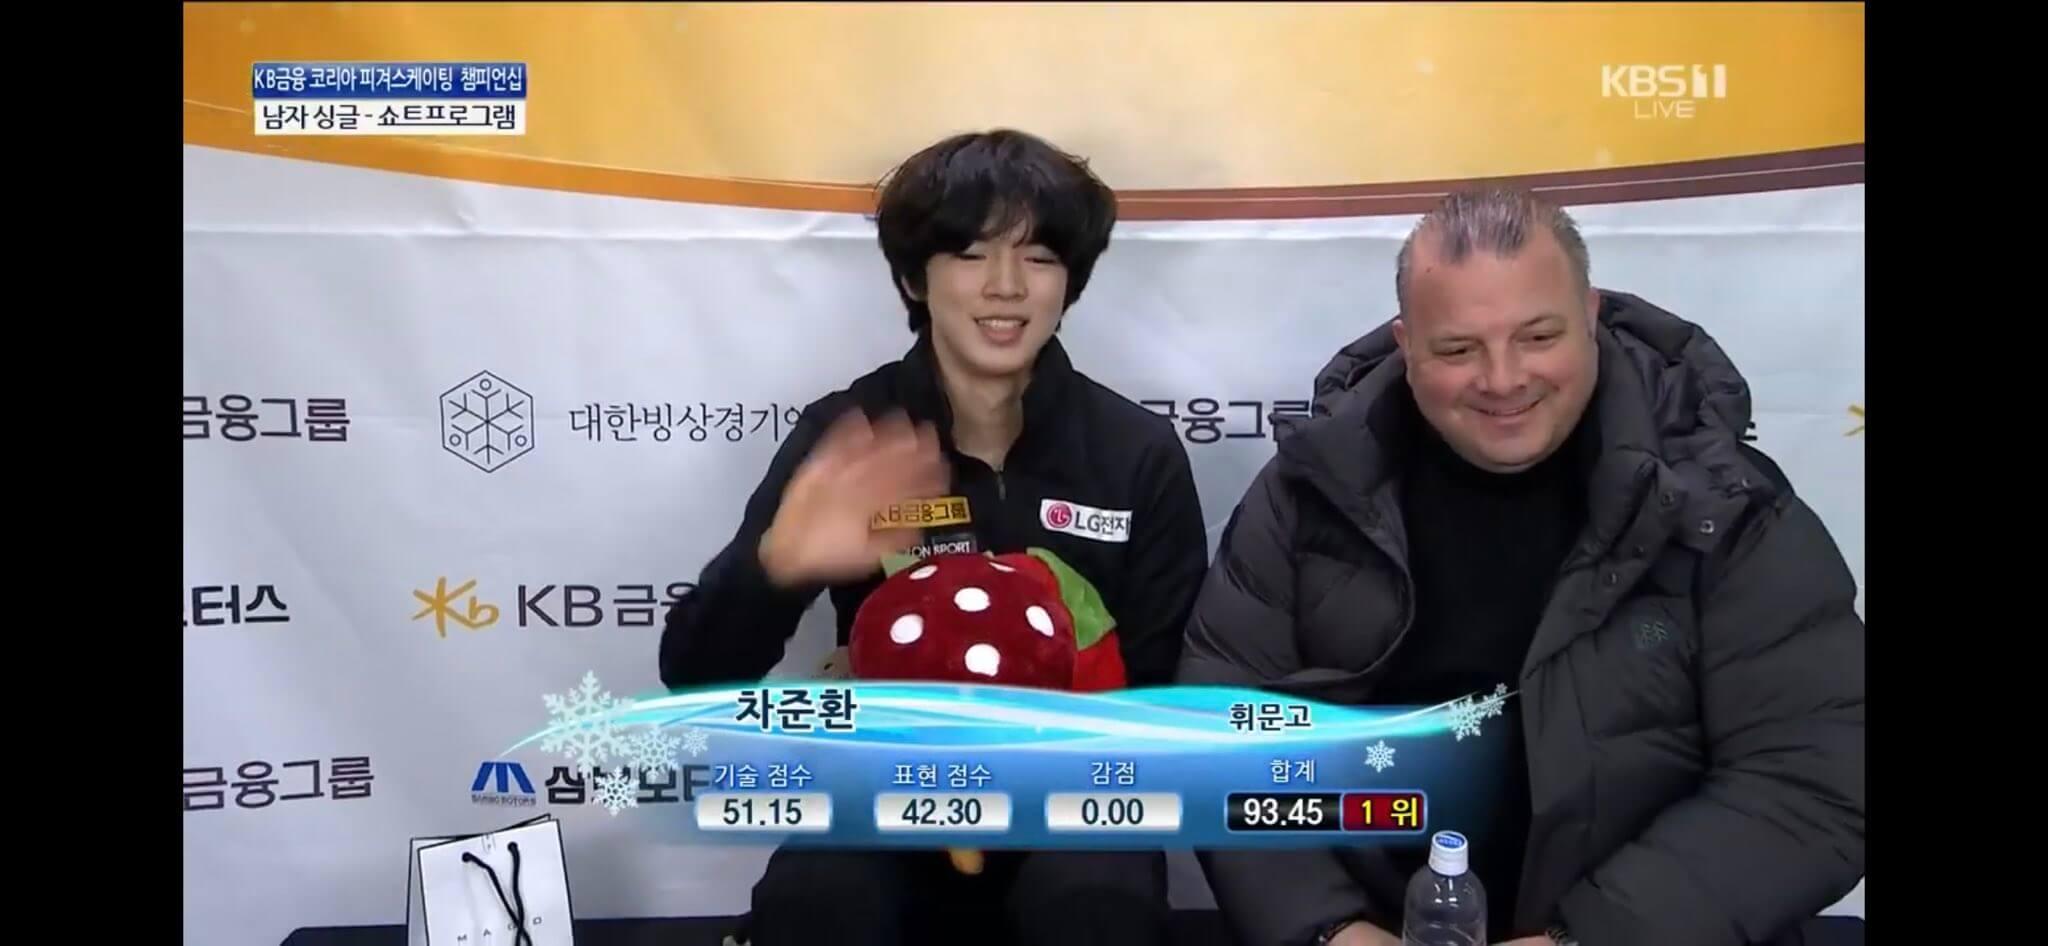 【映像あり】韓国フィギアスケート選手権 男子SP 1位 チャ・ジュンファン 93.45、2位 イ・ジュンヒョン 82.70、3位 イ・シヒョン 77.72。